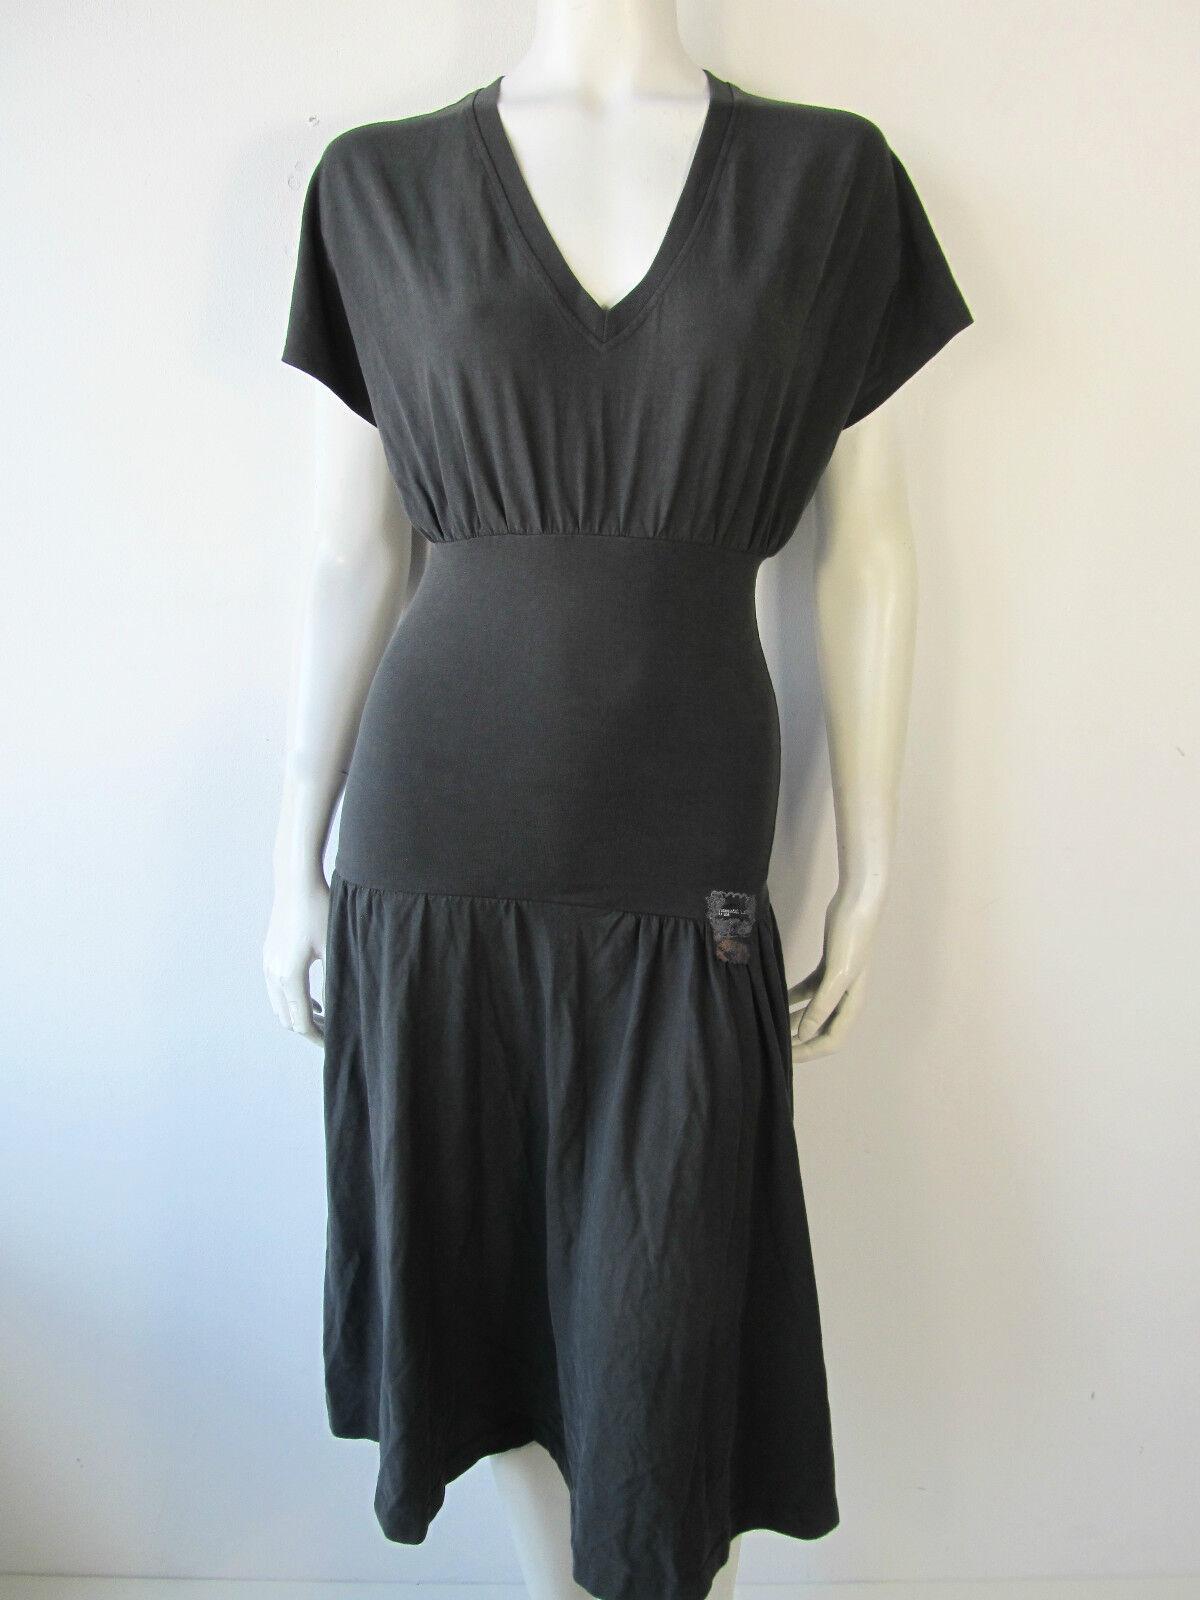 Diesel Swanco Vestito Vintage Kleid Kleed Dress Jurk Grau XS S Neu